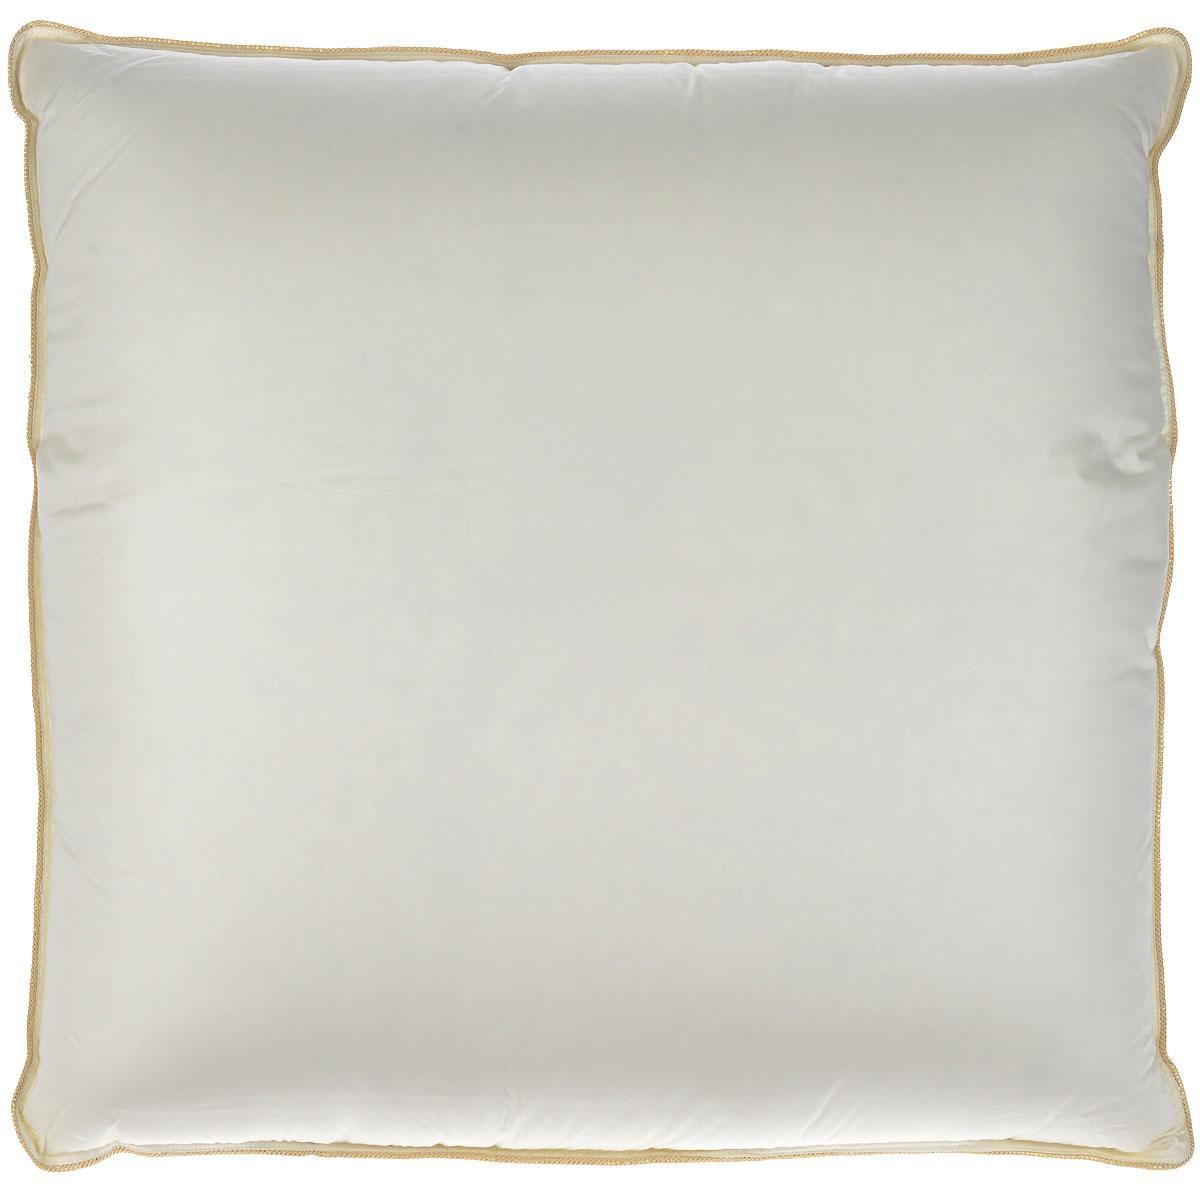 Подушка Mona Liza Elite, наполнитель: гусиный пух, цвет: бежевый, 70 х 70 см